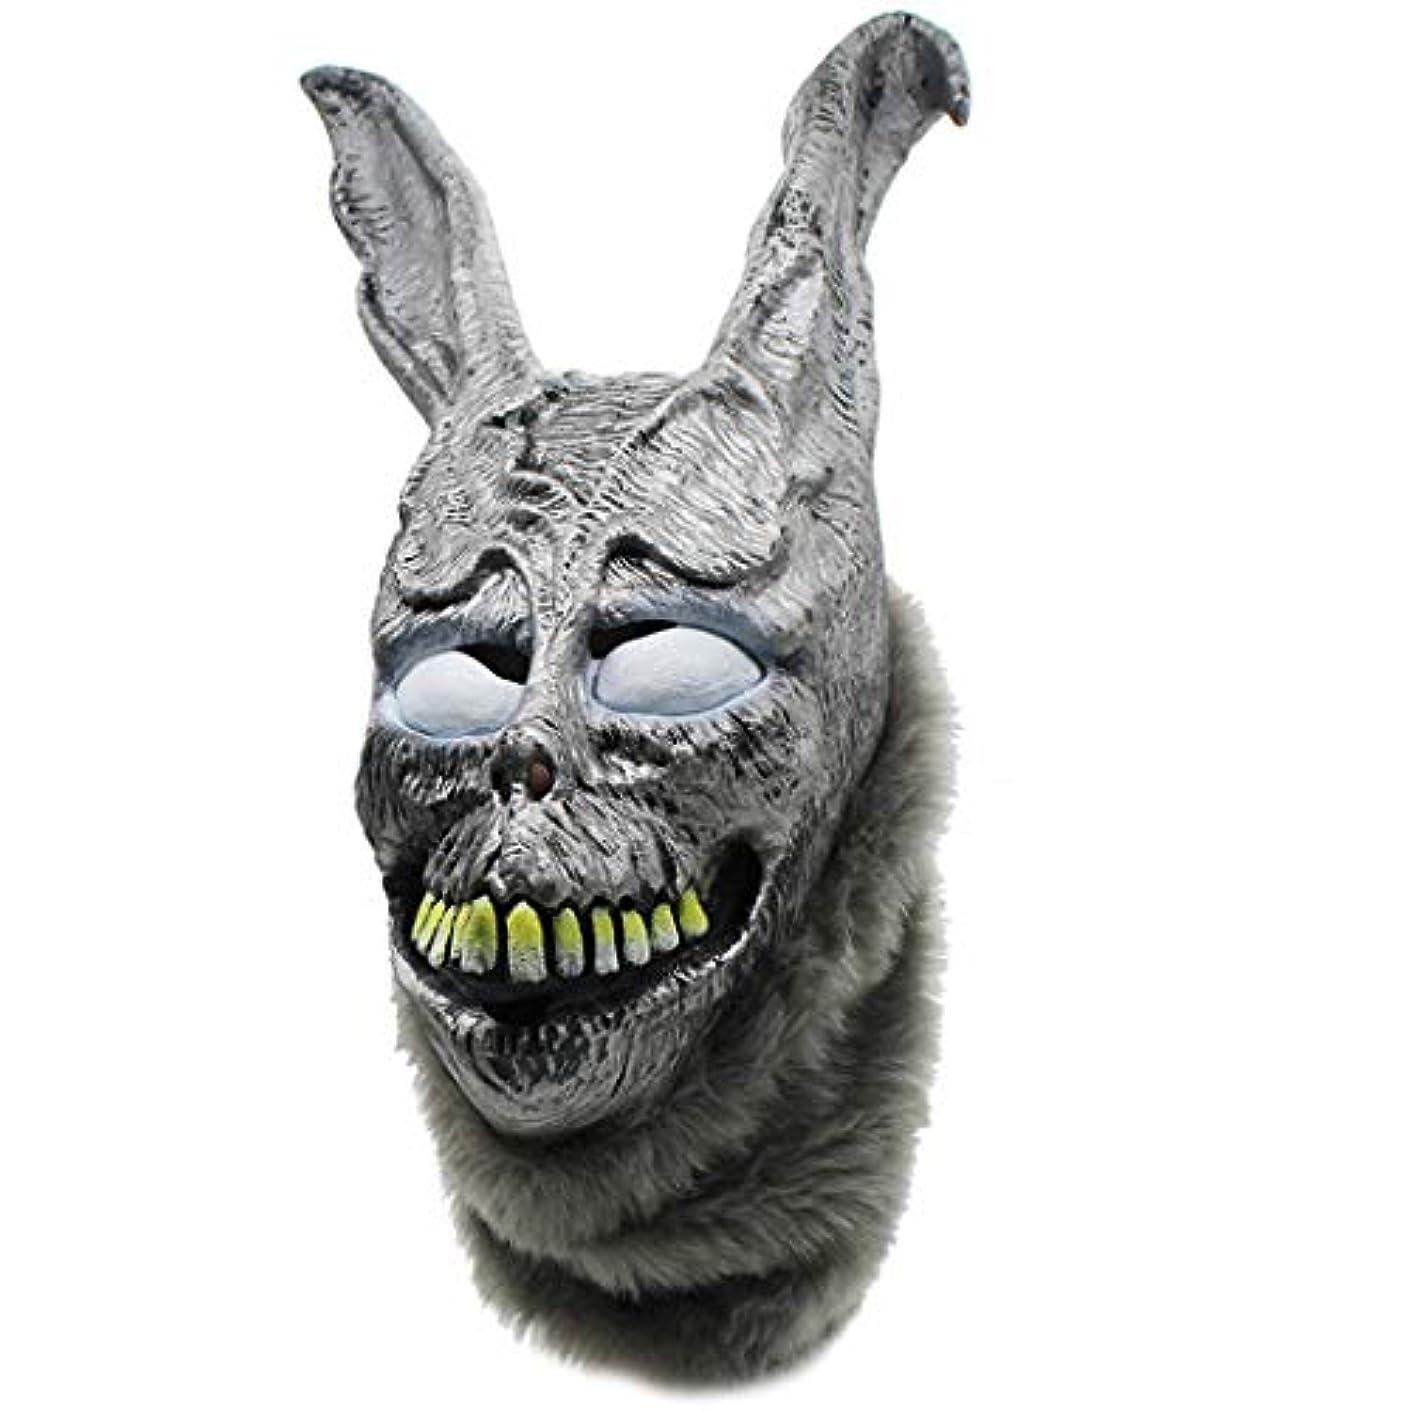 ダニメキシコ著作権怒っているウサギのマスクフランク悪シルバーラビットアニマルヘッドギアパーティーアニマルマスク